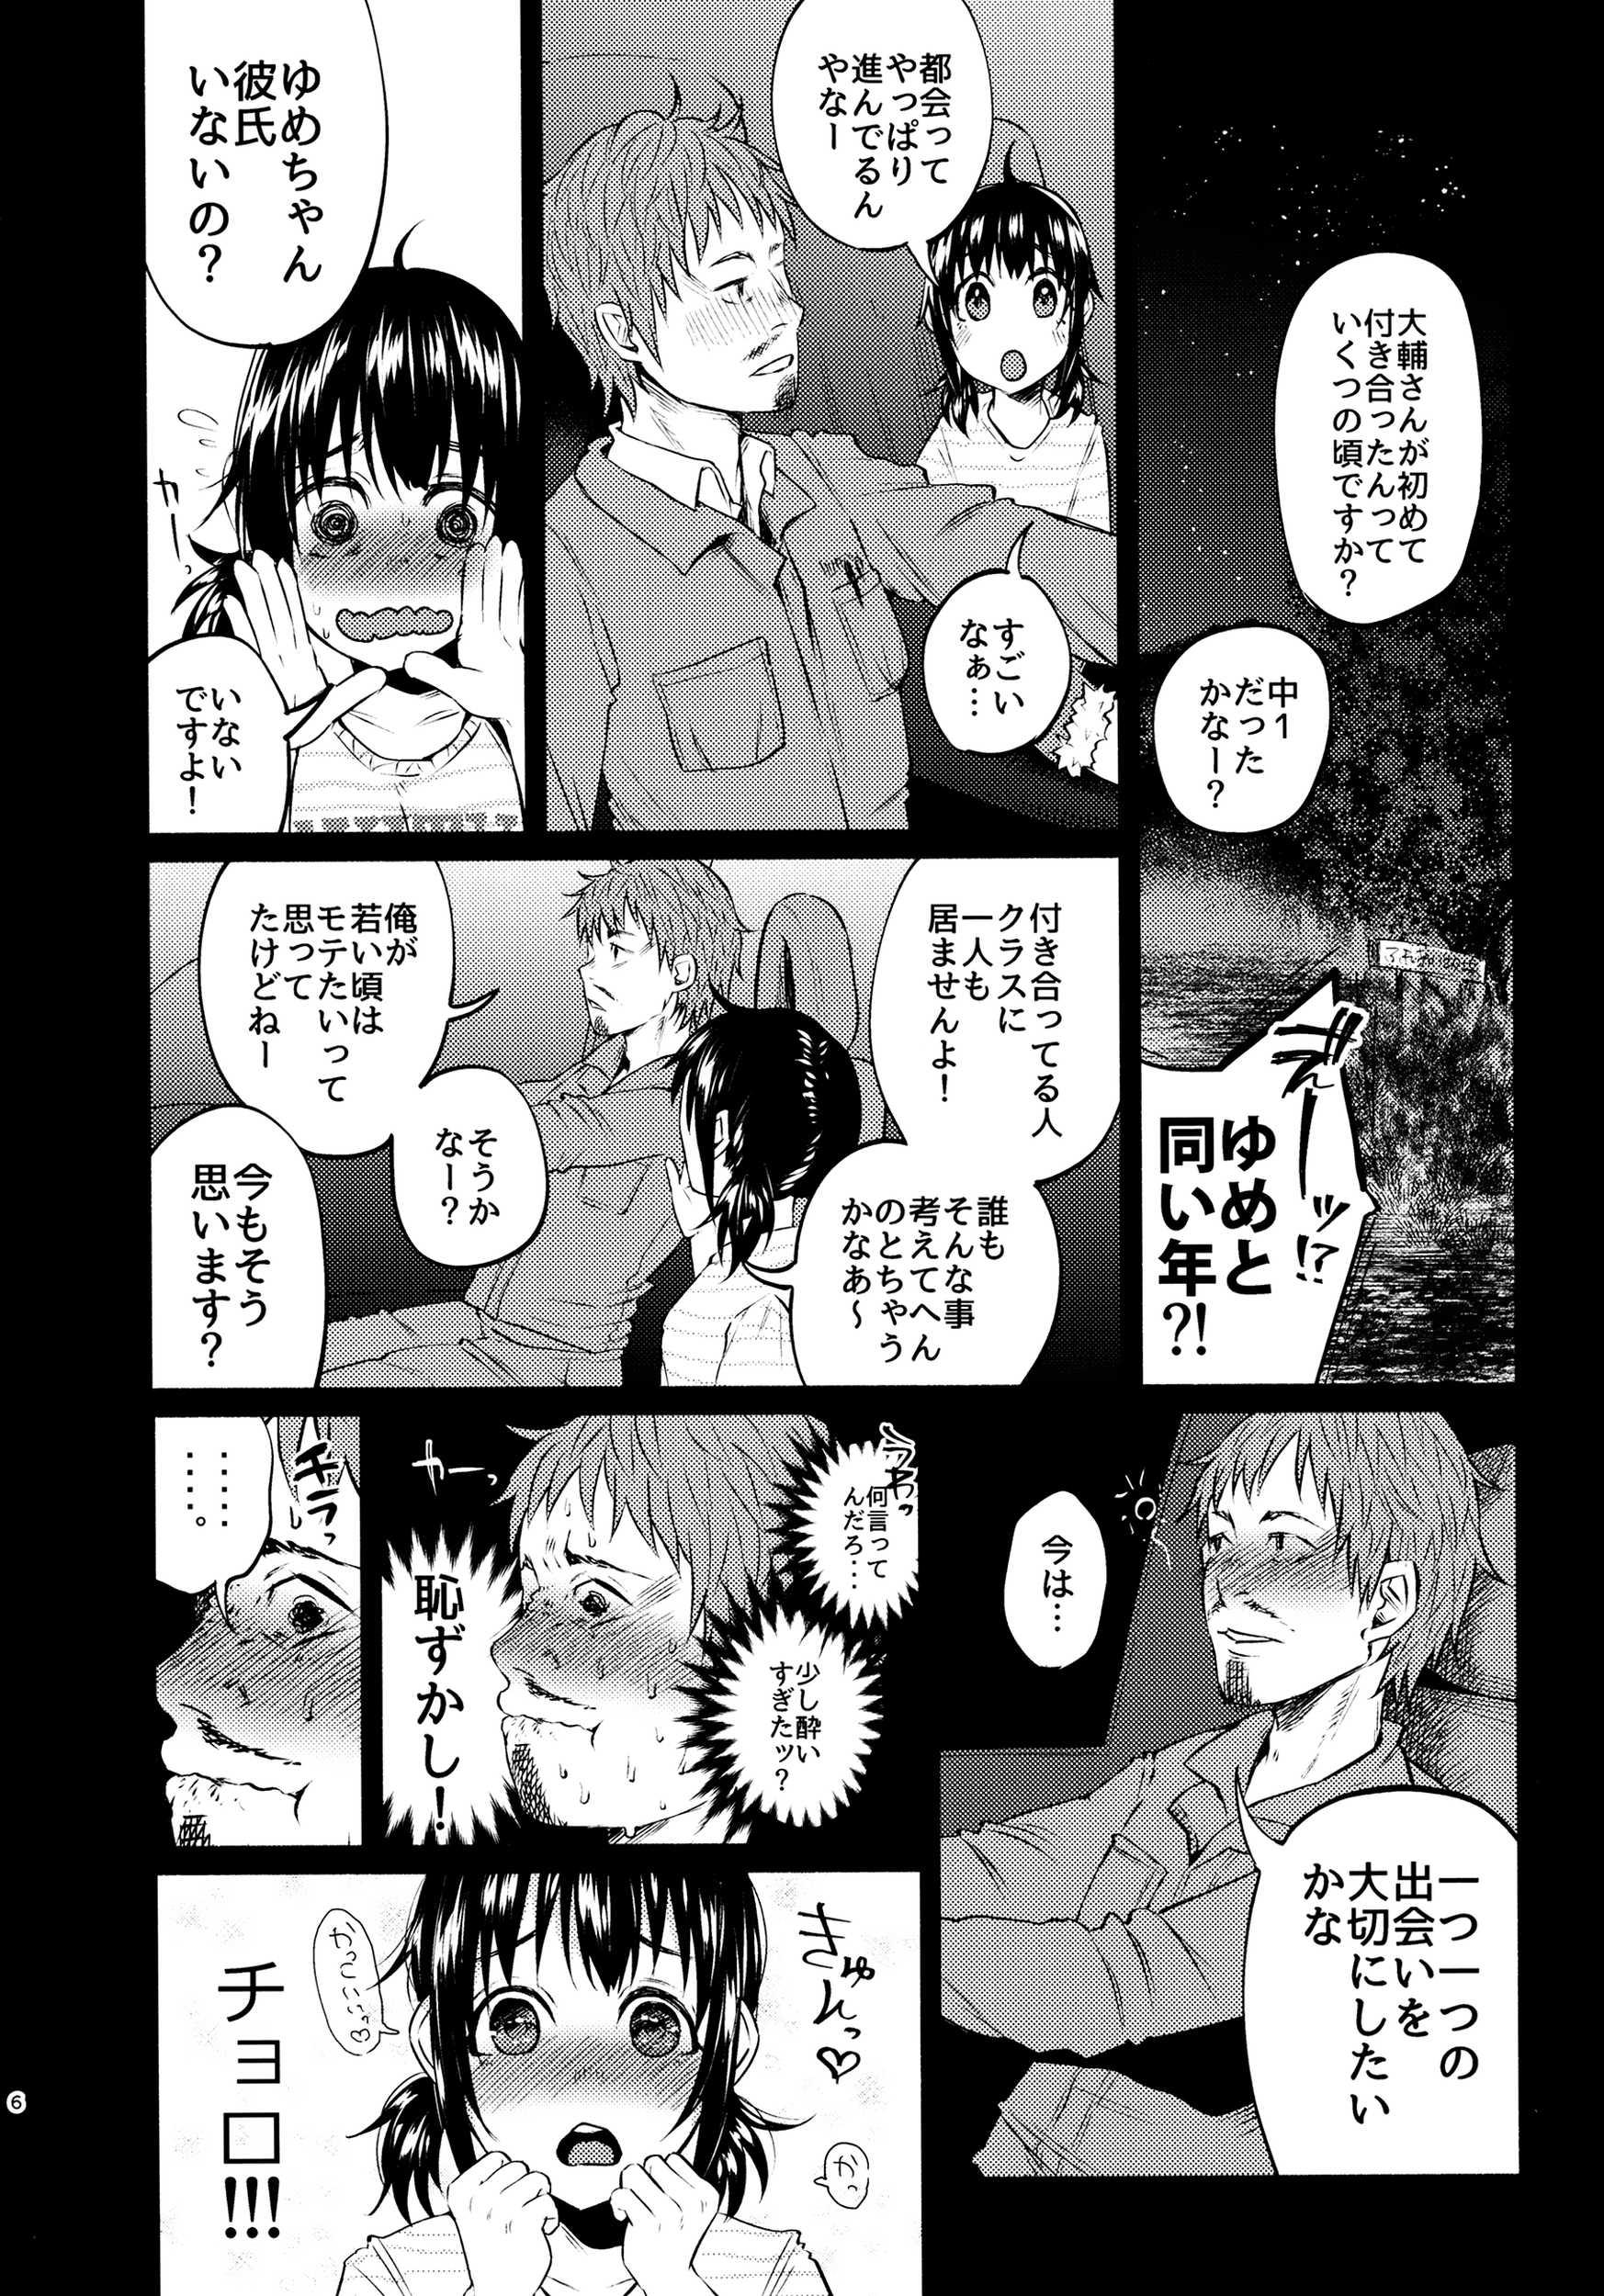 【エロ漫画】ウブな田舎娘に手を出したらヤンデレ化して逆レイプされるww【無料 エロ同人誌】 (5)